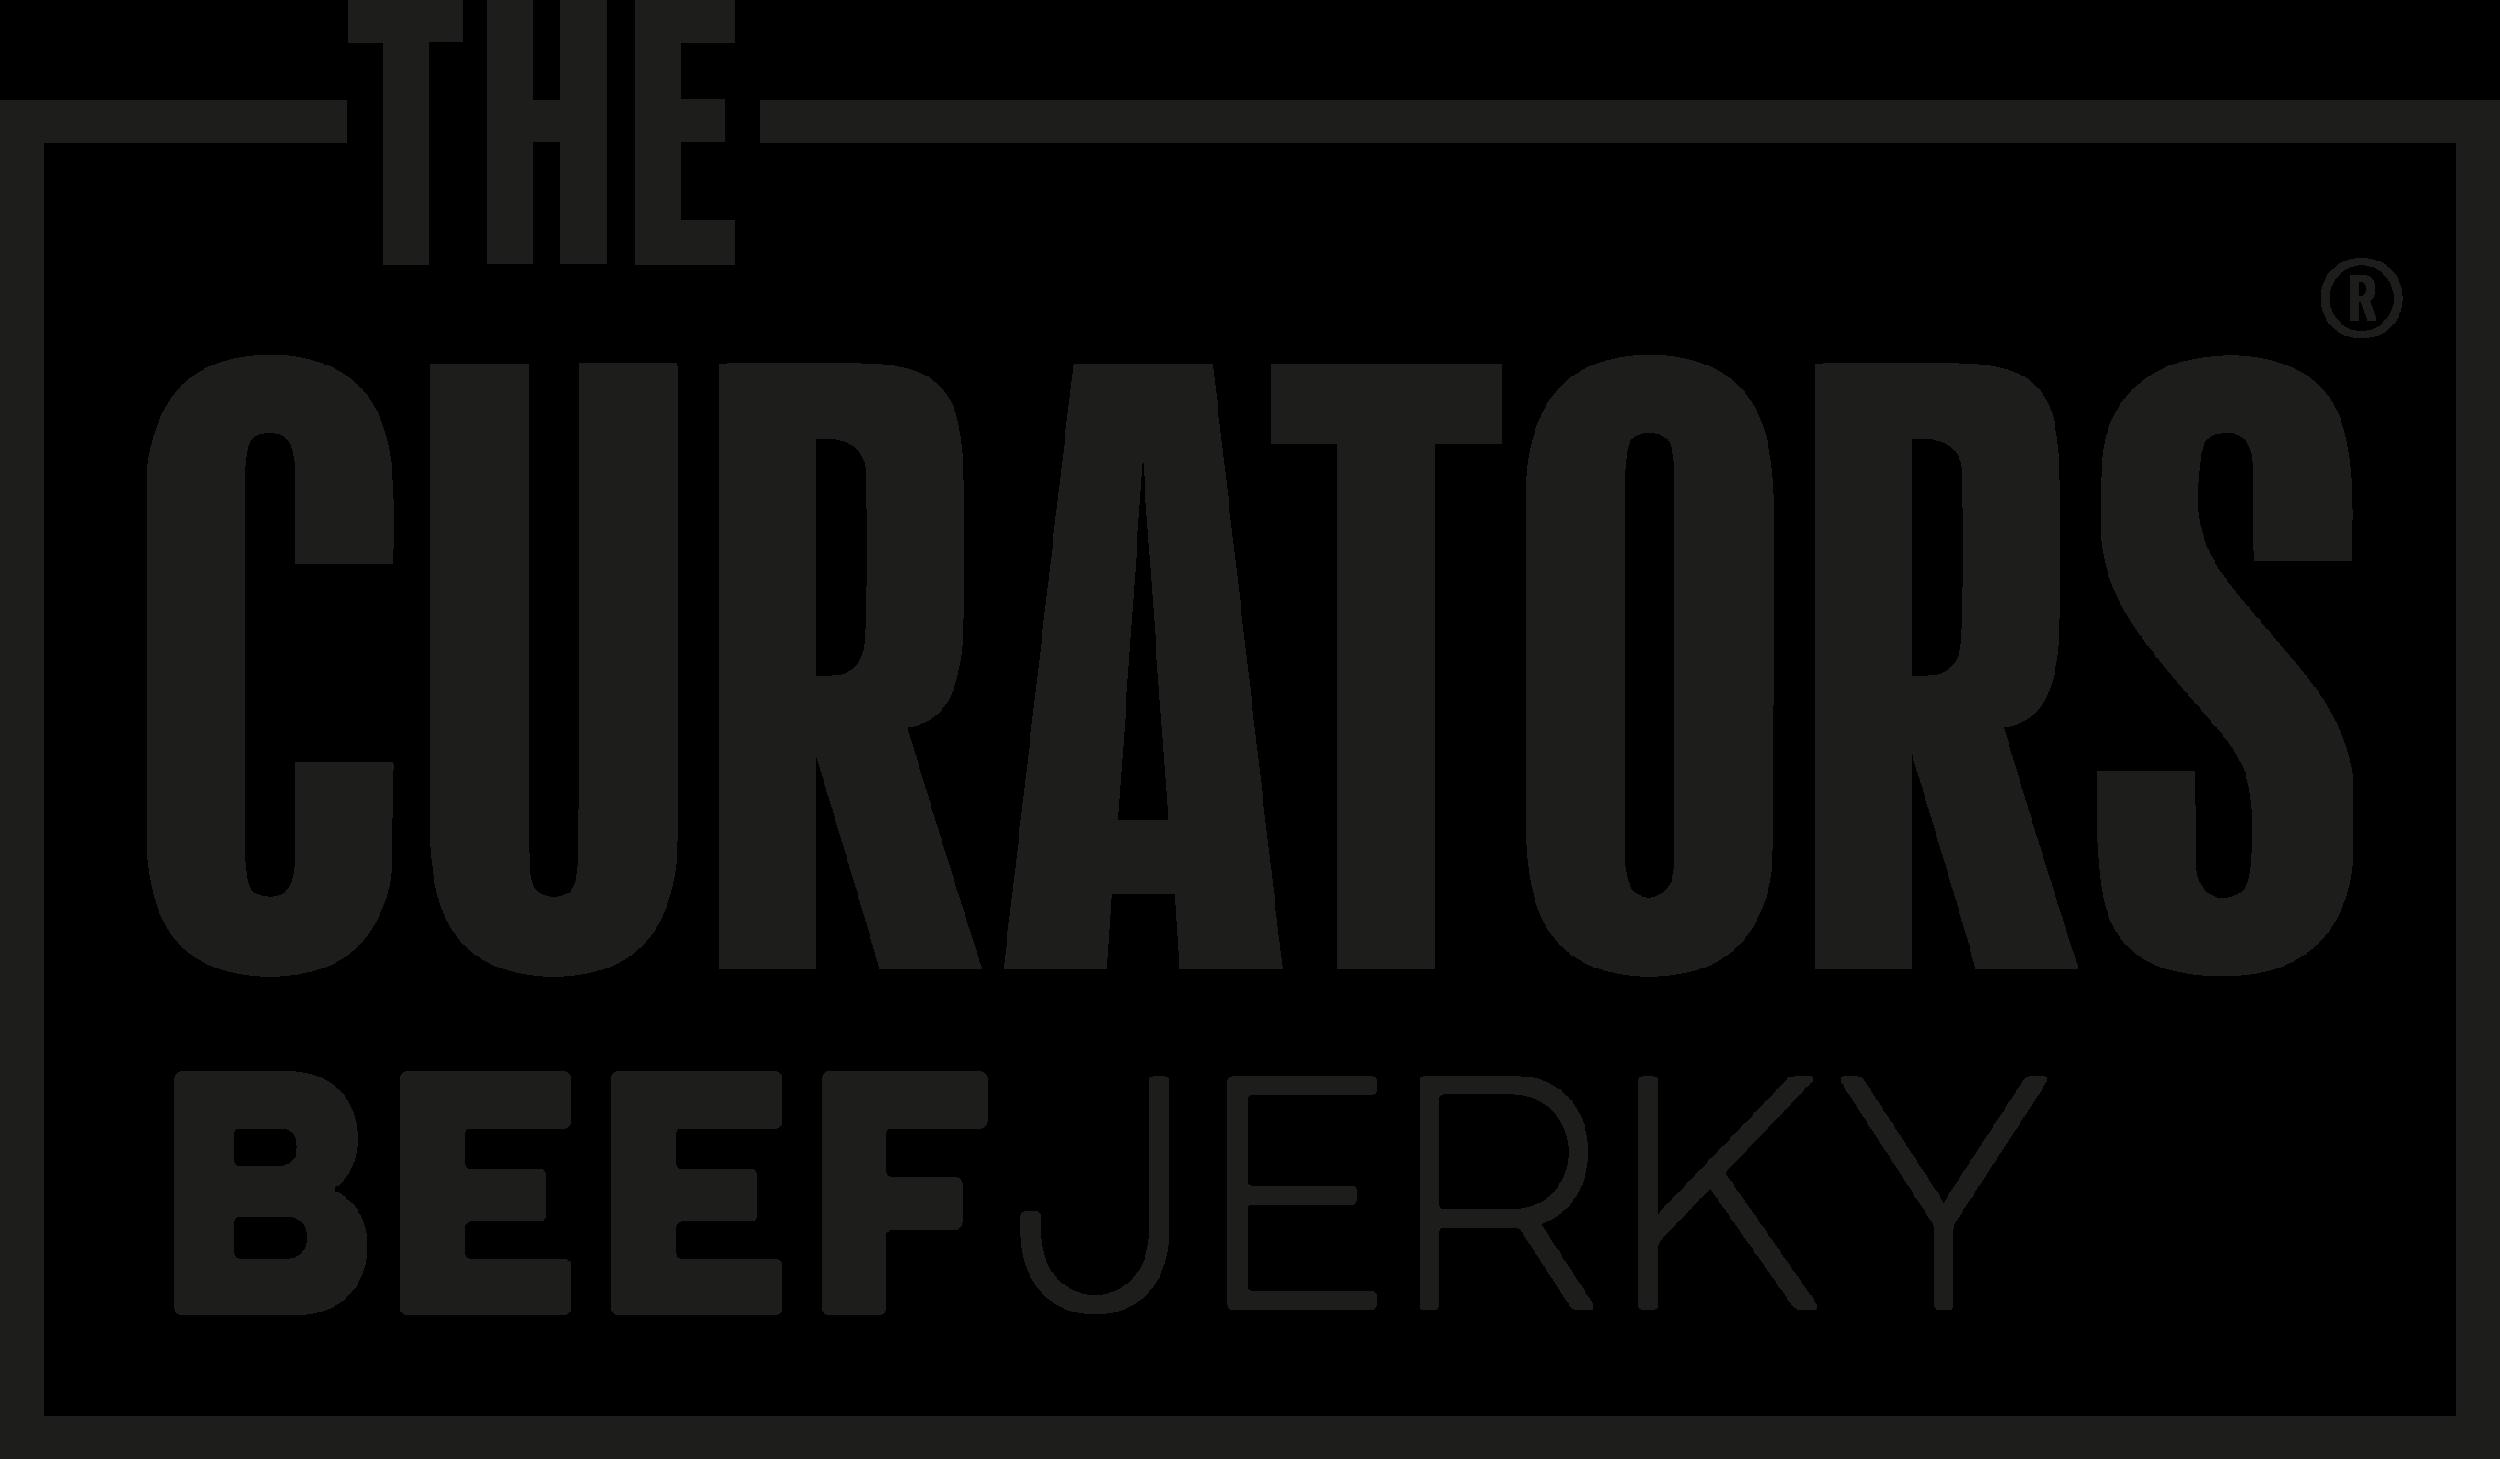 The-CuratorsJerky-BeefJerky.png